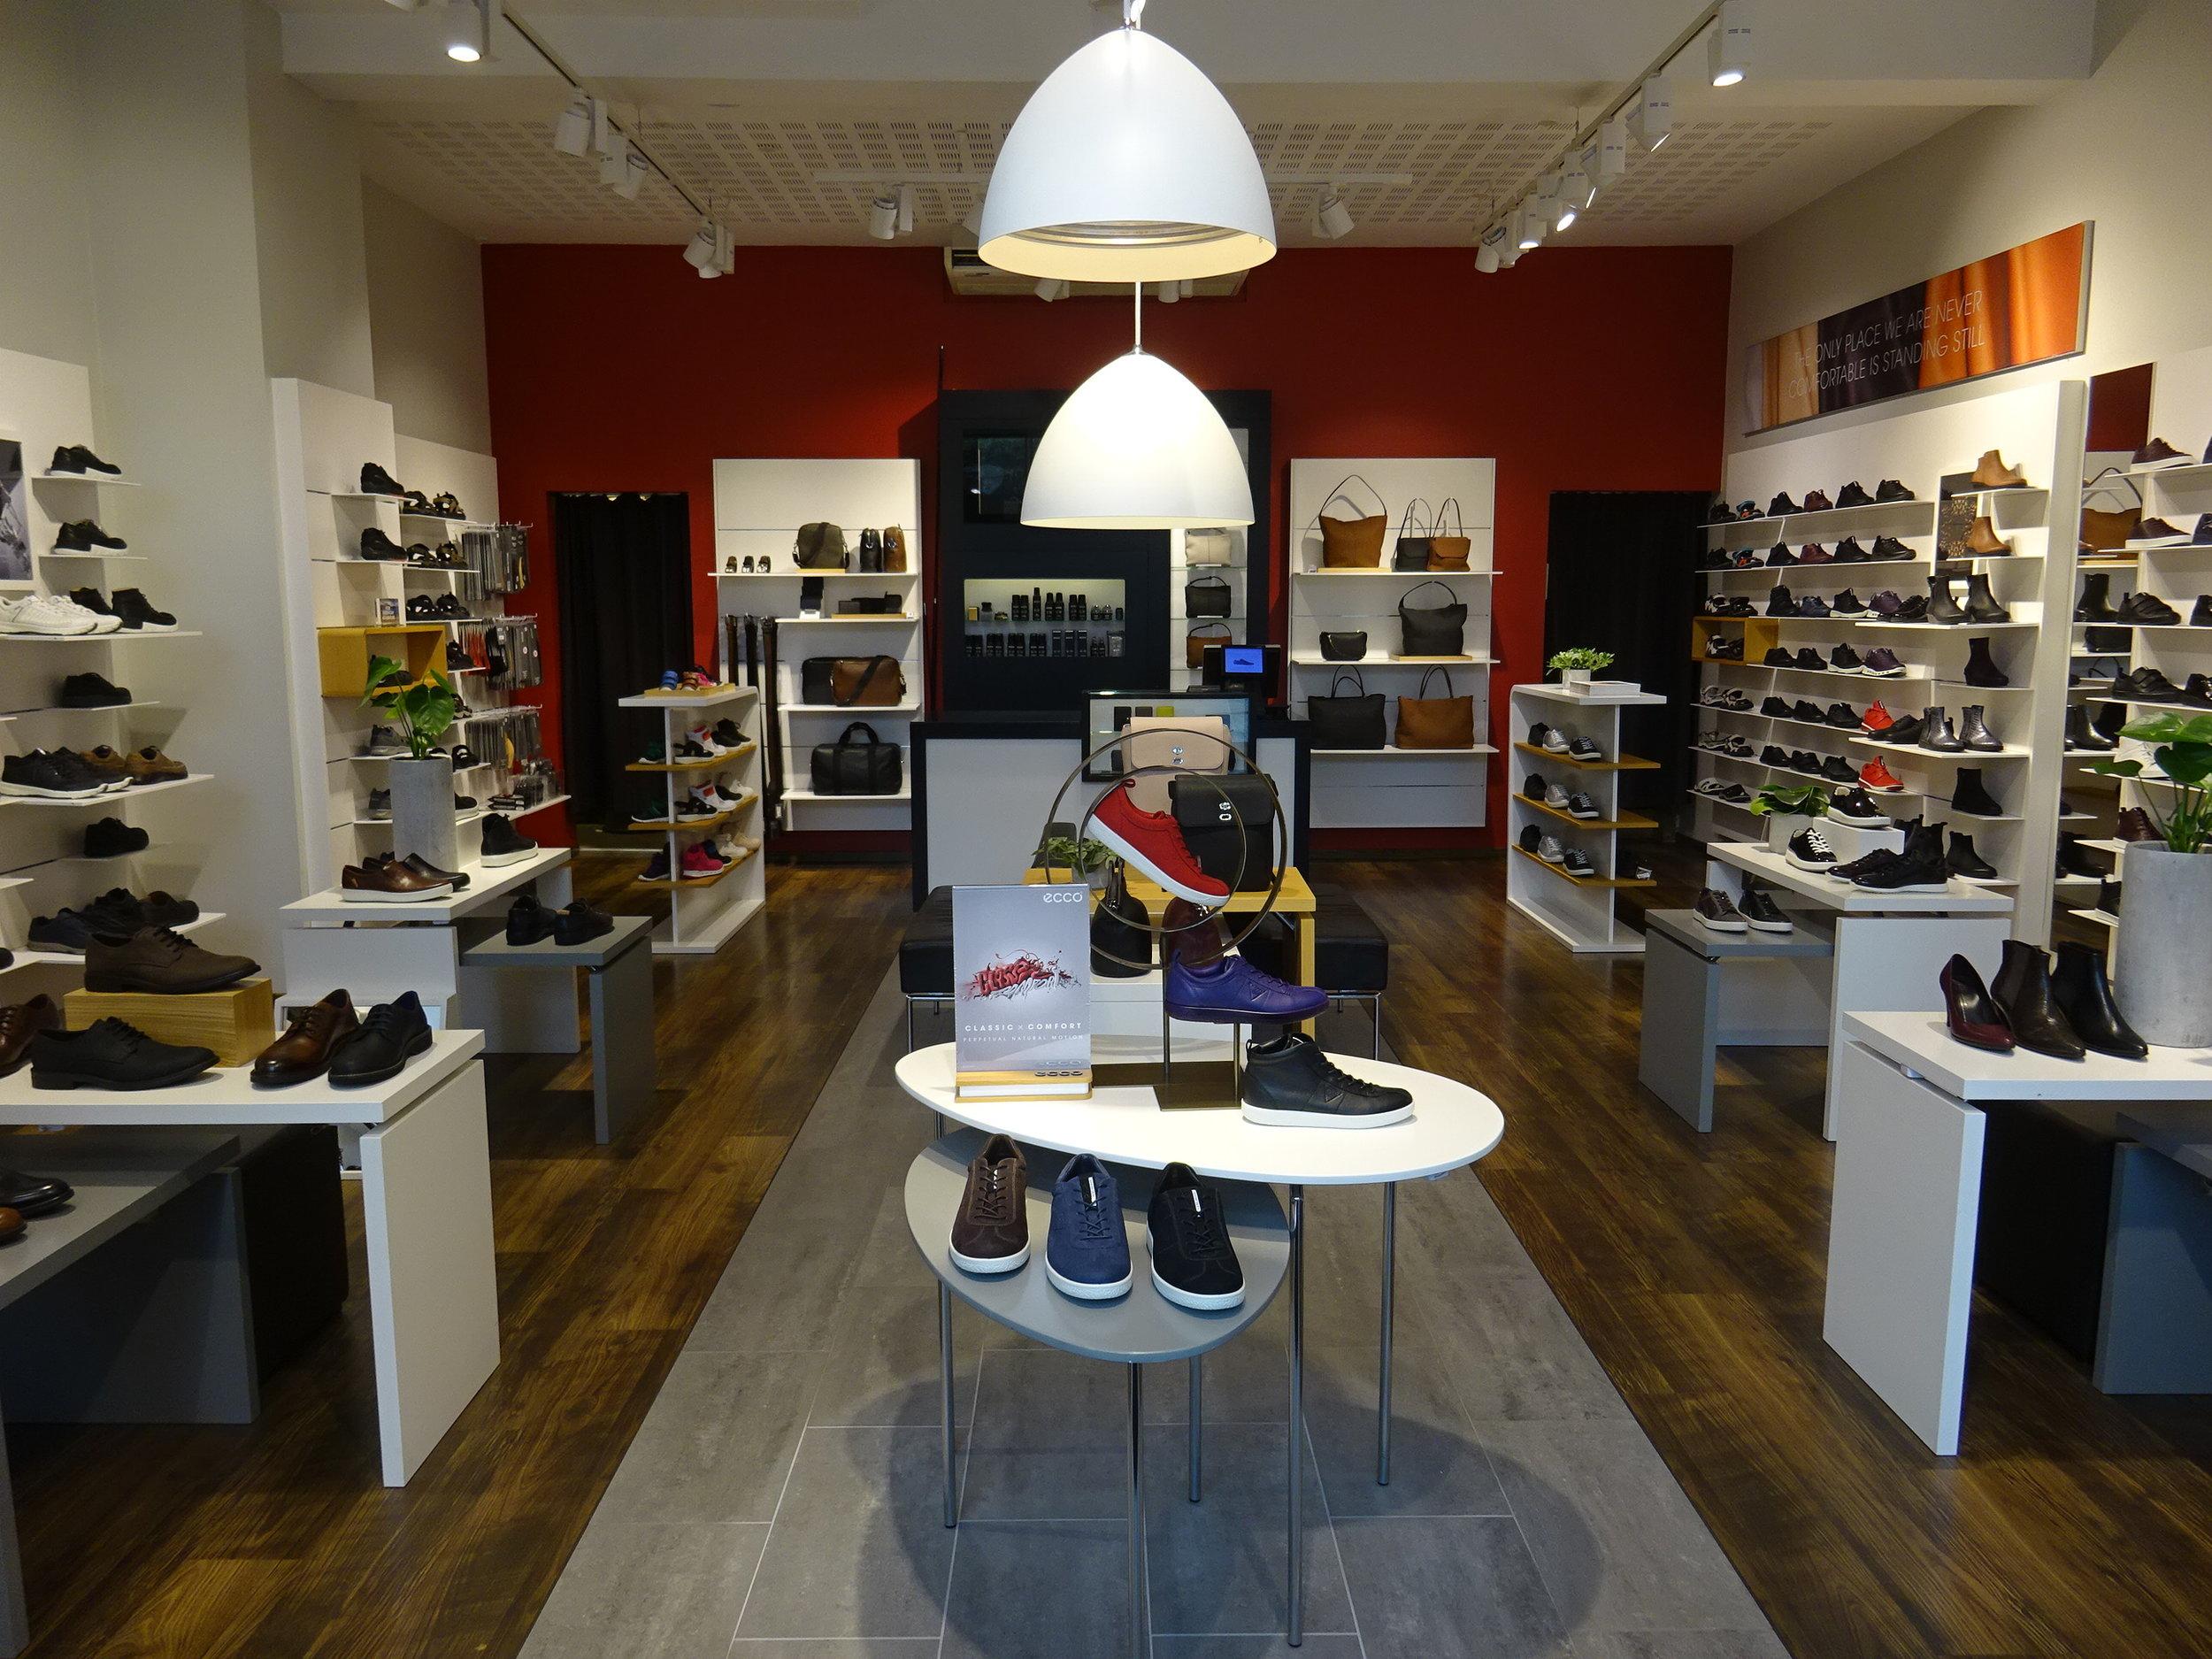 Ecco Aalborg Store After re Merchandising.JPG